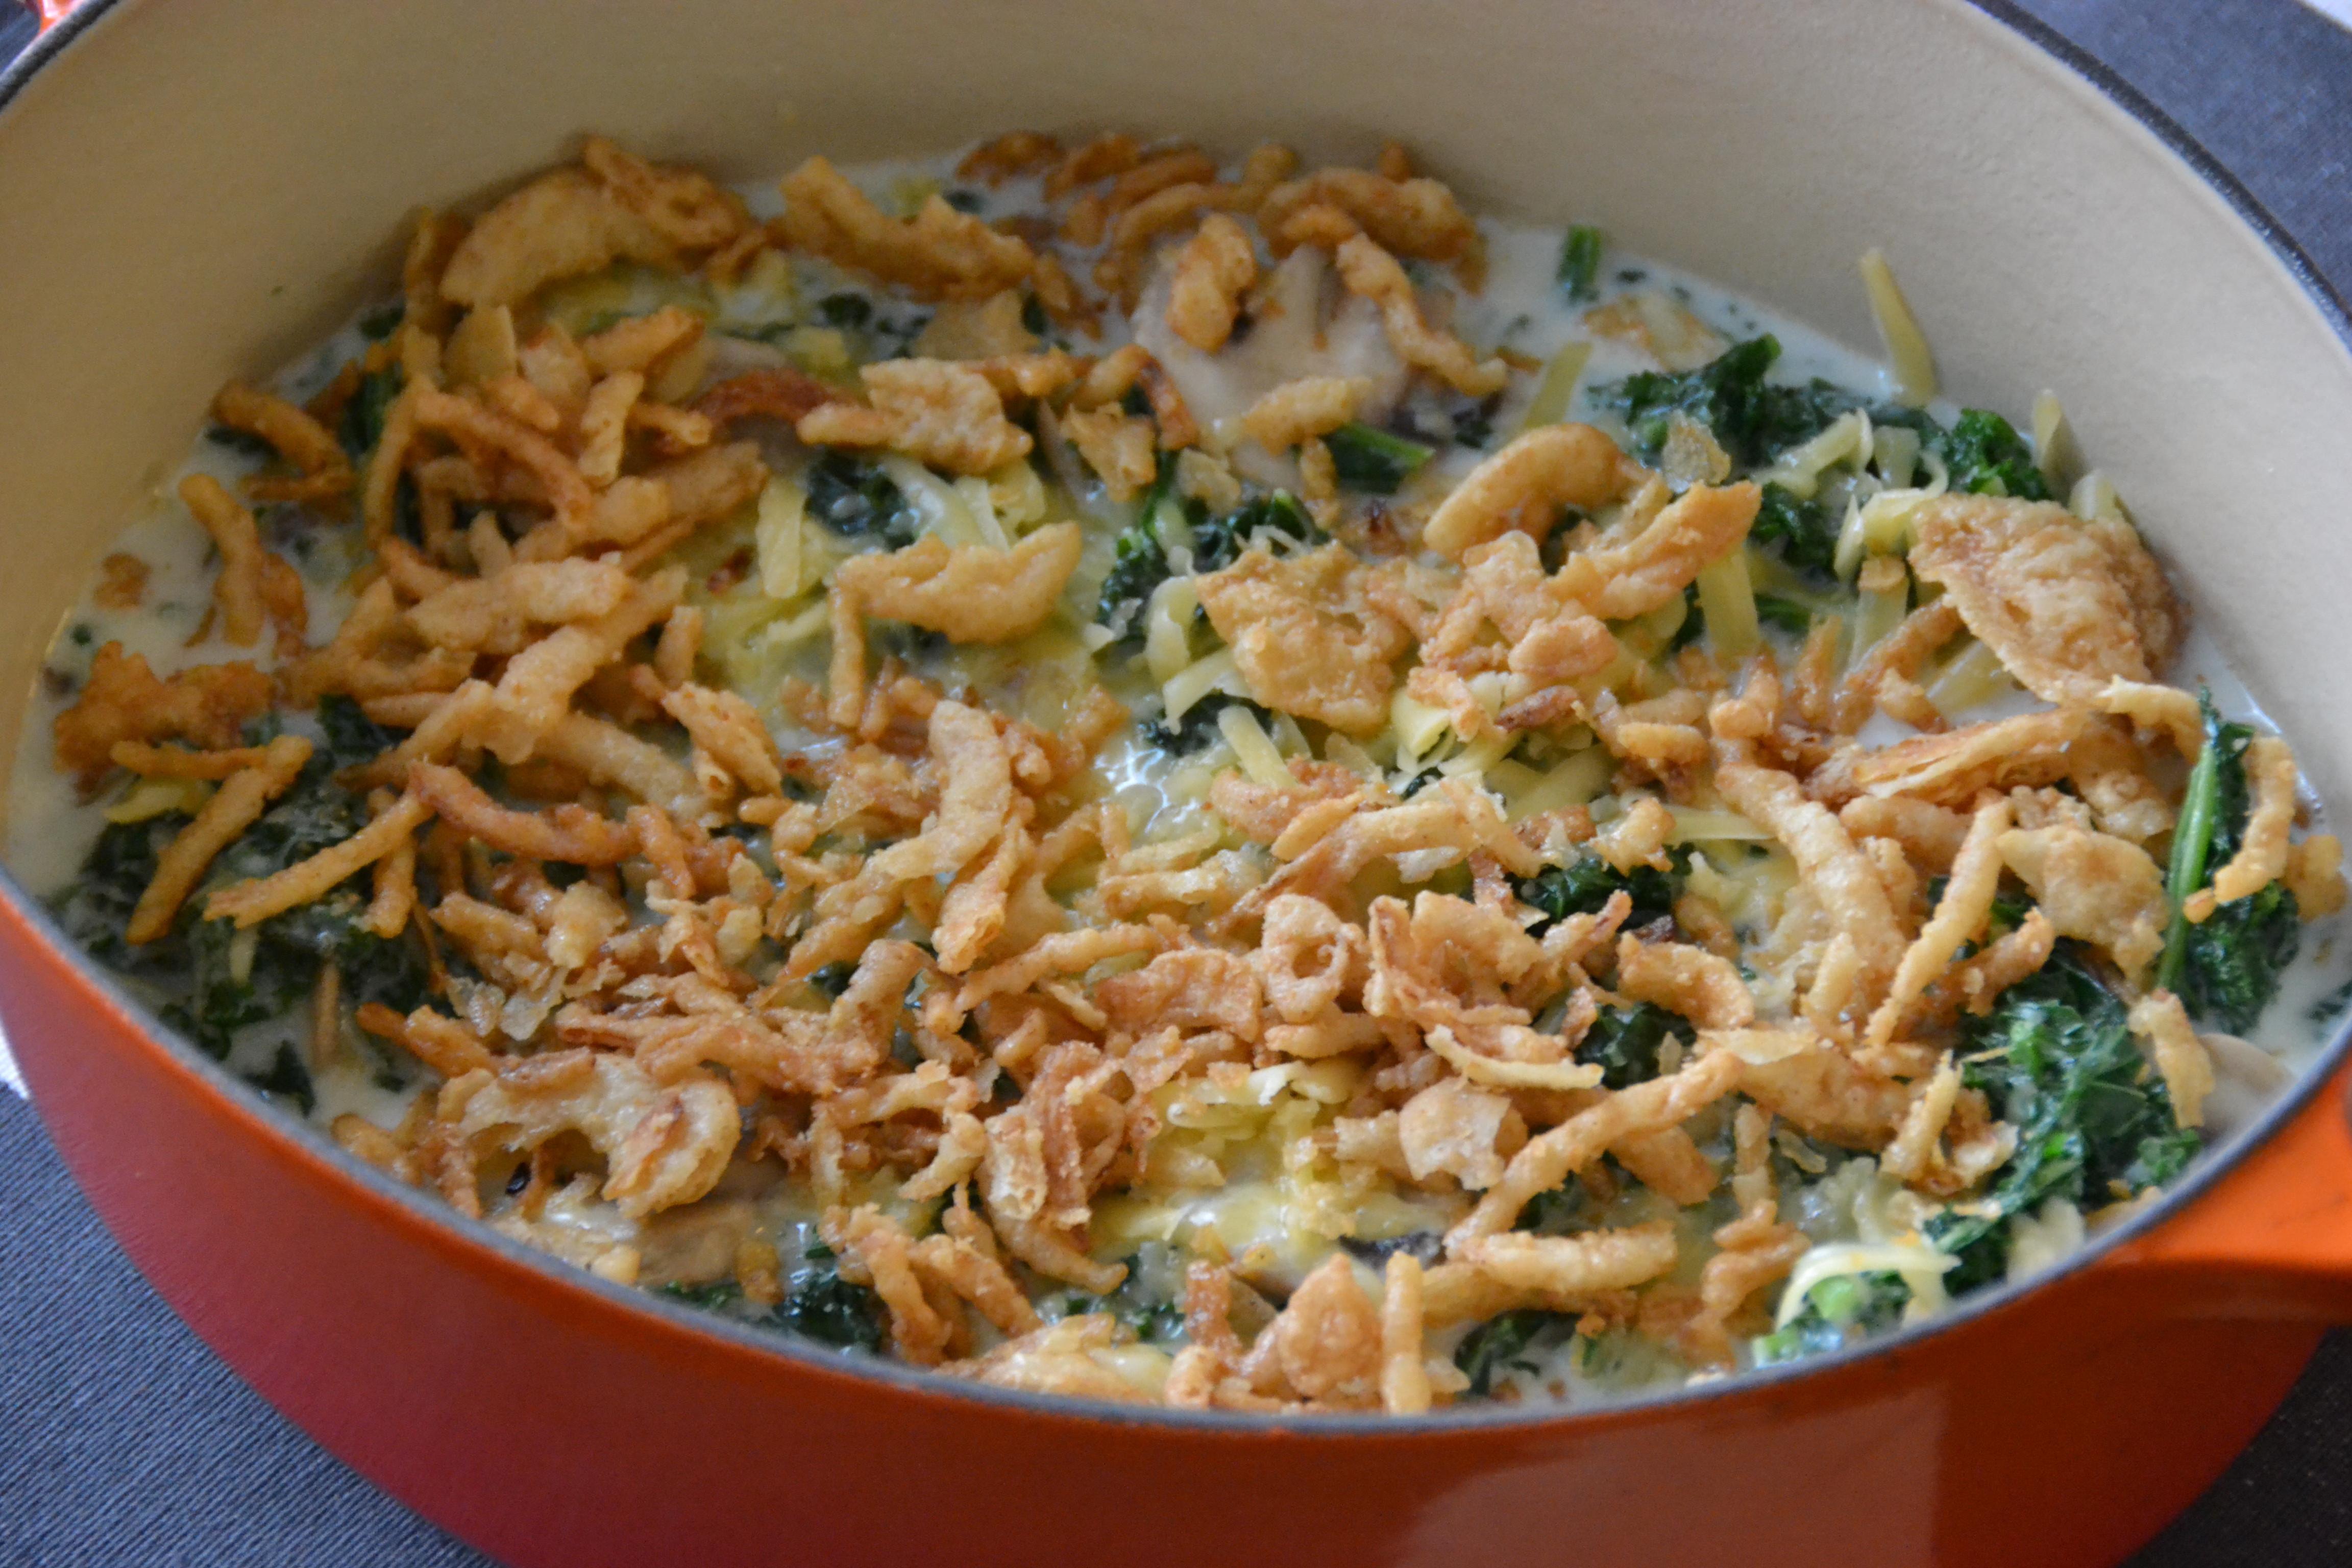 Green Bean Casserole Thanksgiving  Kale Casserole an Update on the Classic Thanksgiving